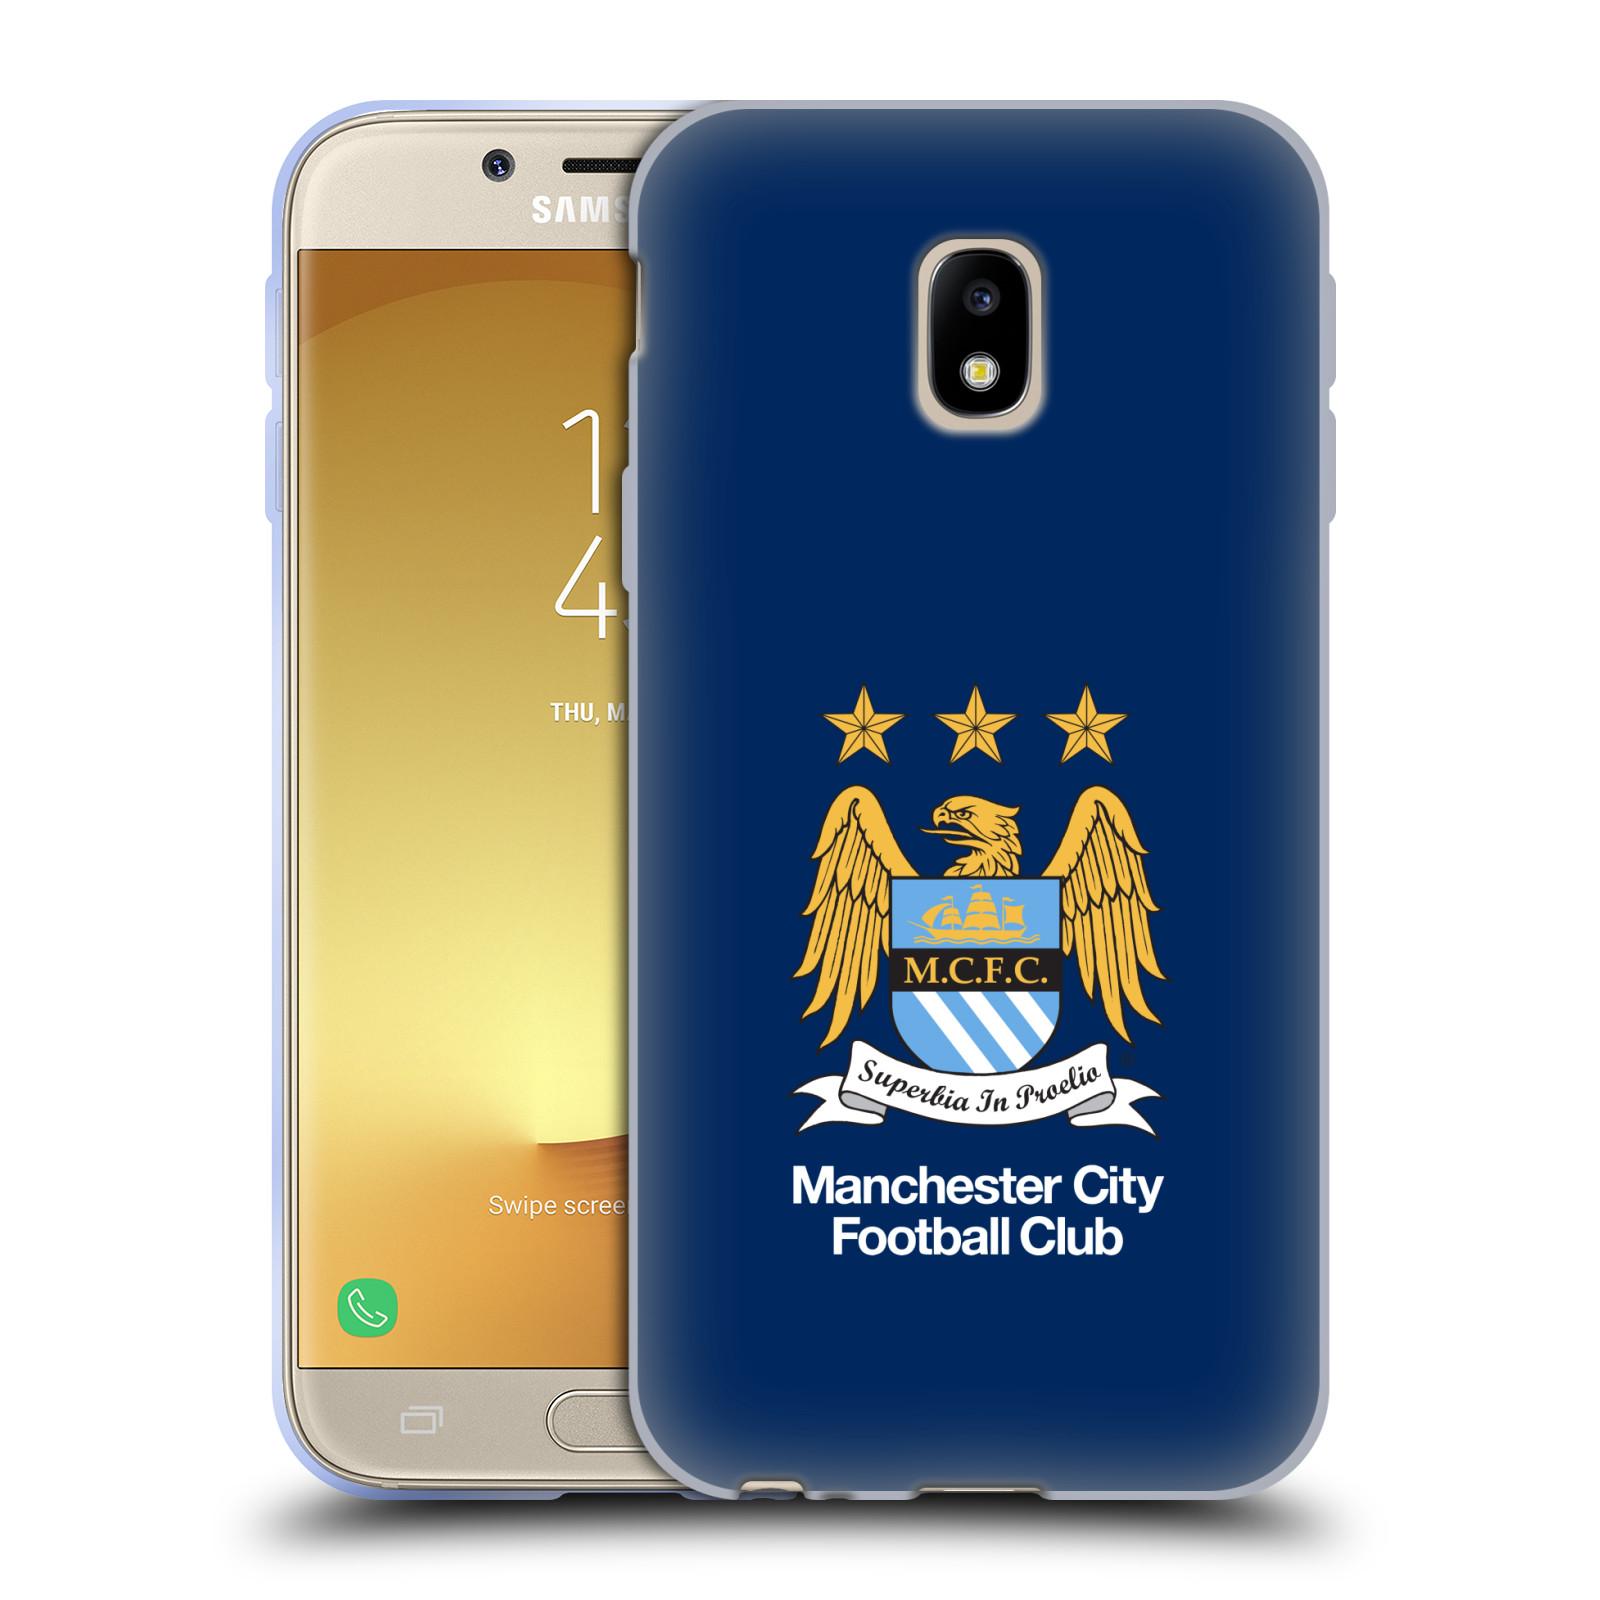 HEAD CASE silikonový obal na mobil Samsung Galaxy J3 2017 (J330, J330F) Fotbalový klub Manchester City modré pozadí velký znak